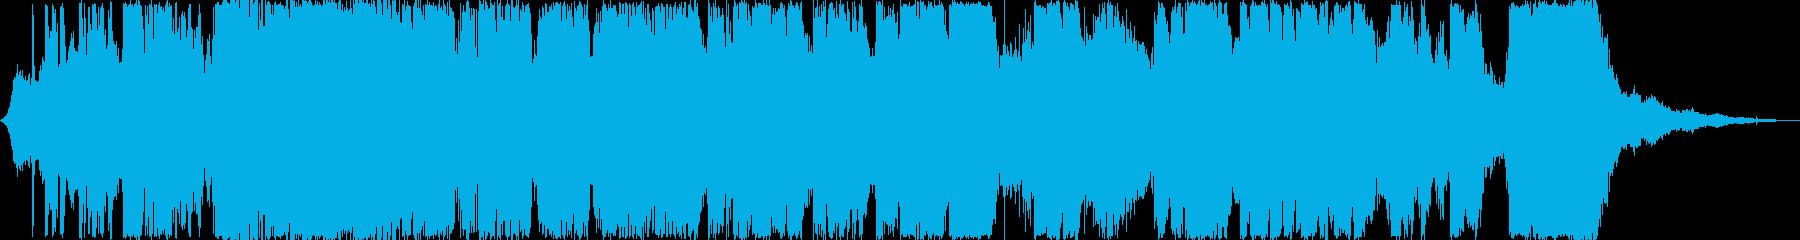 フュージョン 説明的 静か やる気...の再生済みの波形